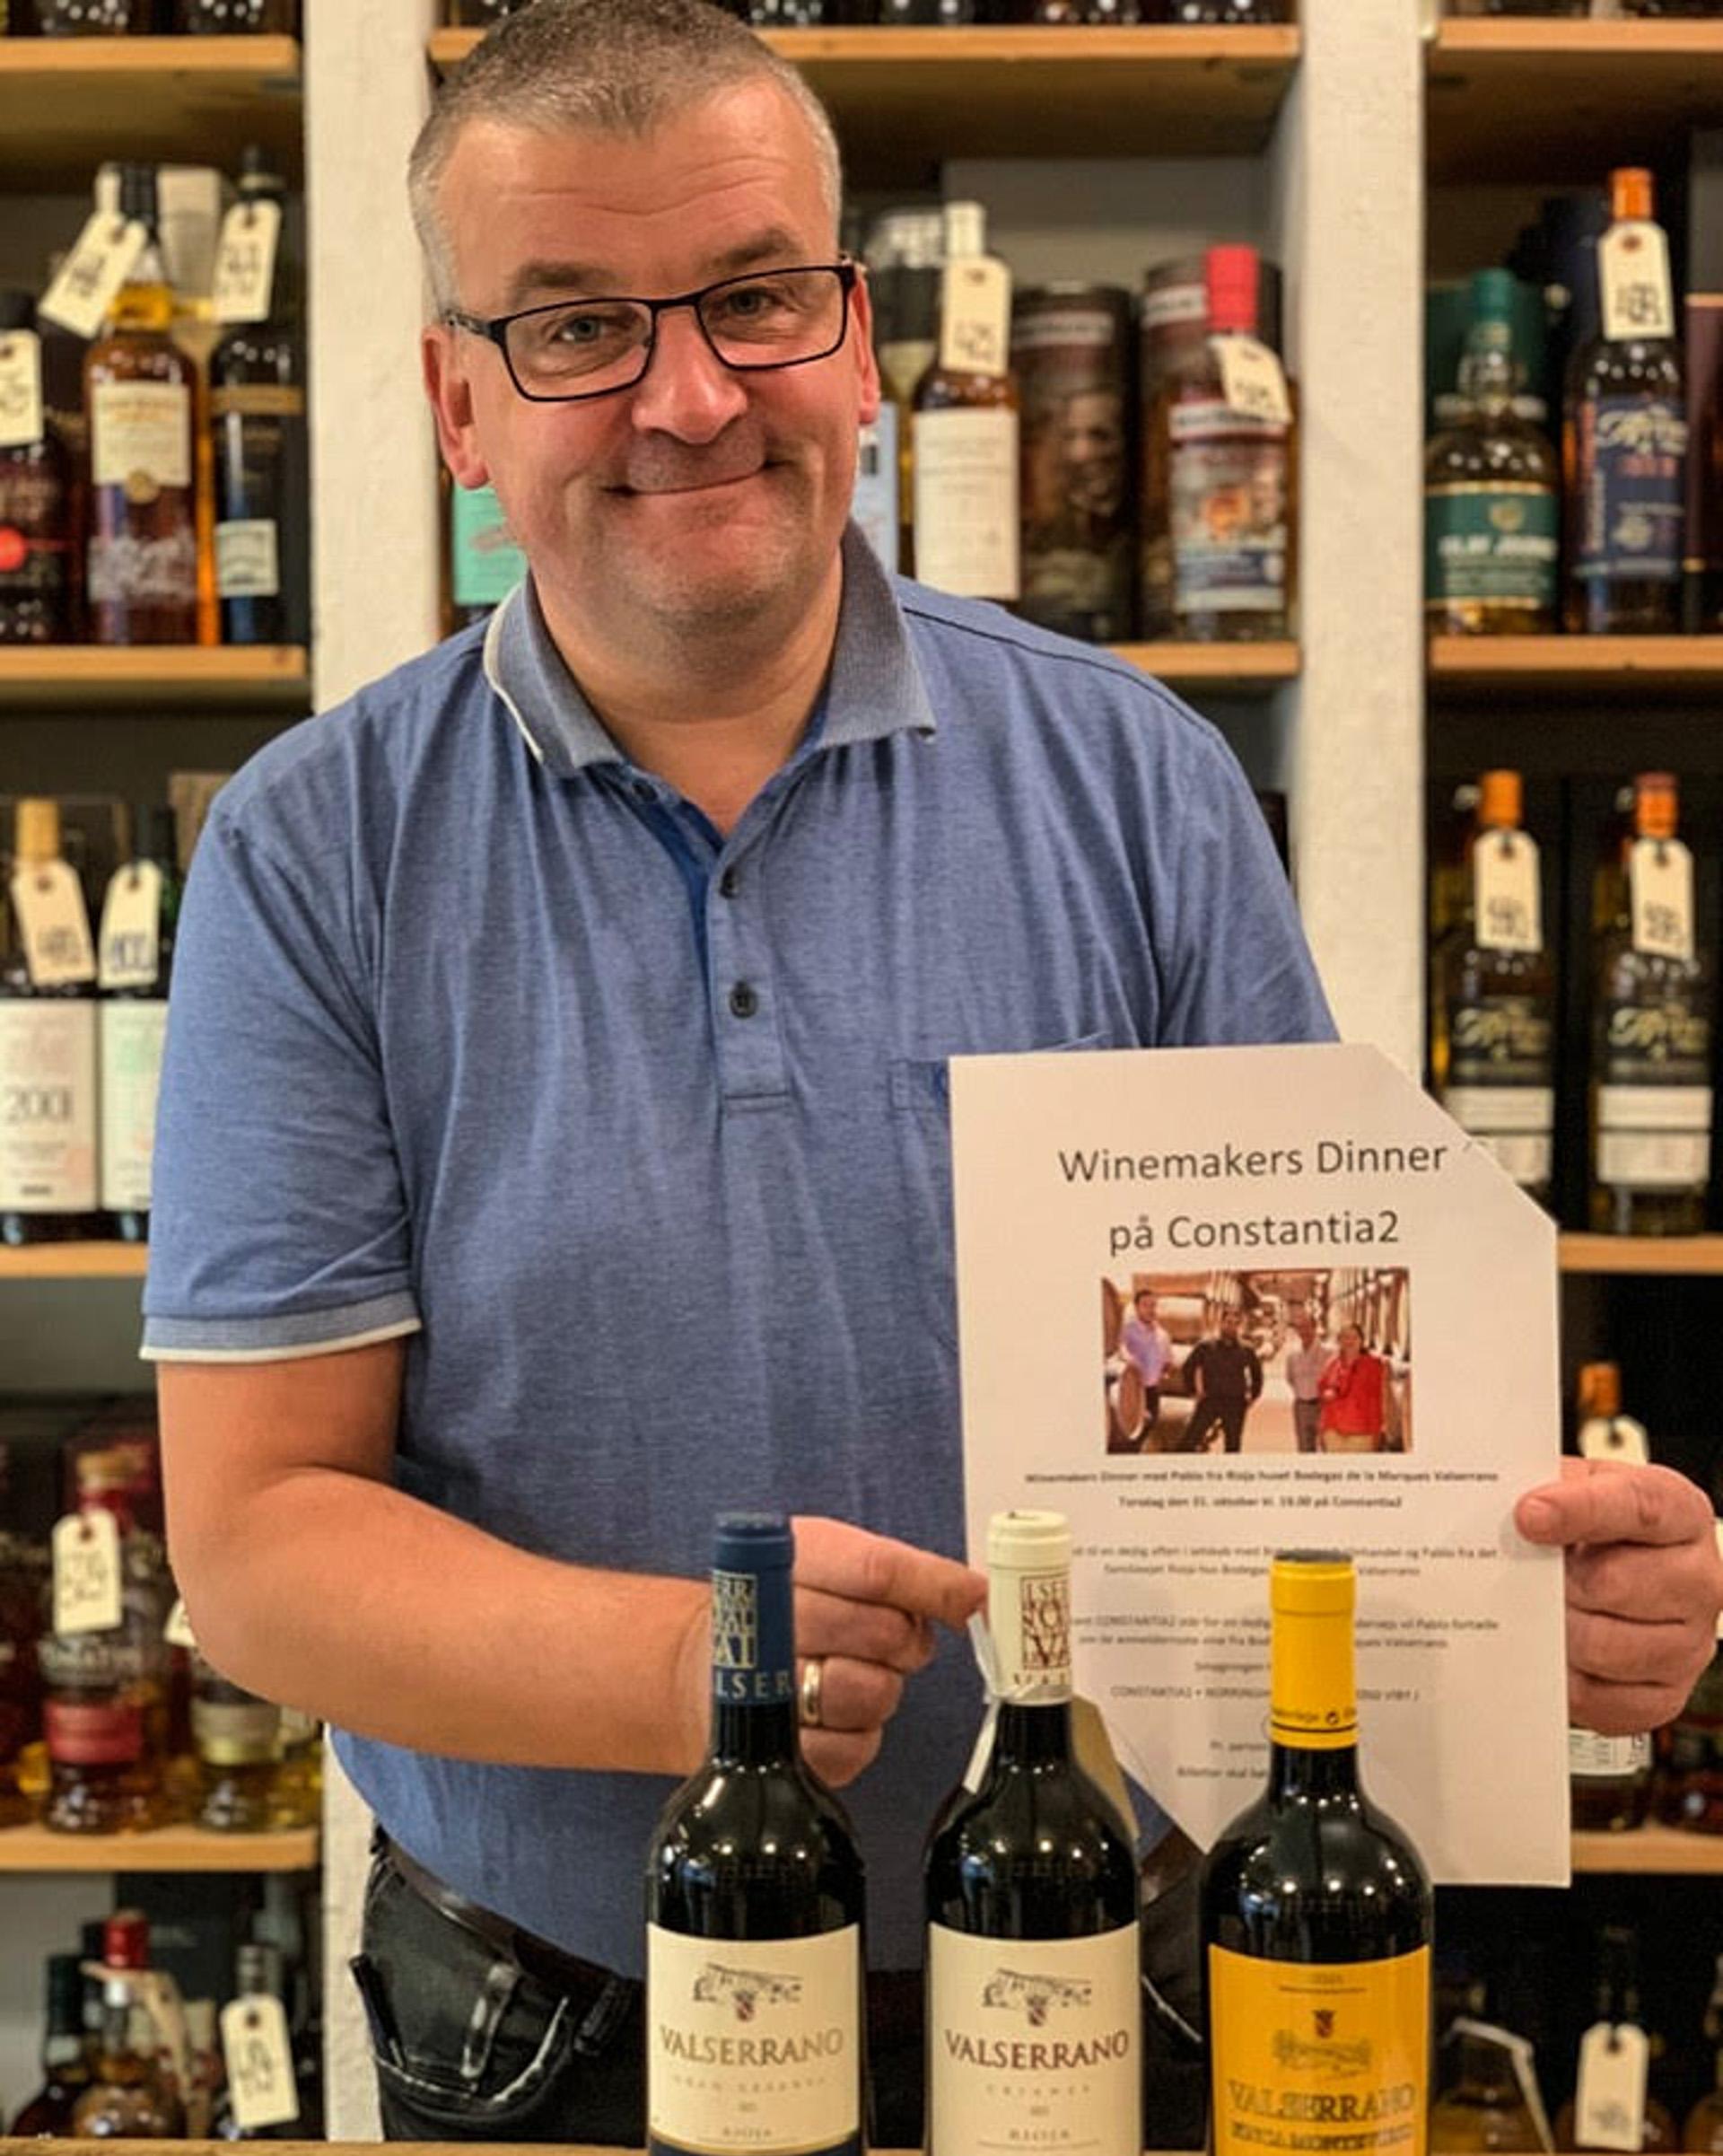 Constantia2: Vibyfolk værter for vinen fra Valserrano